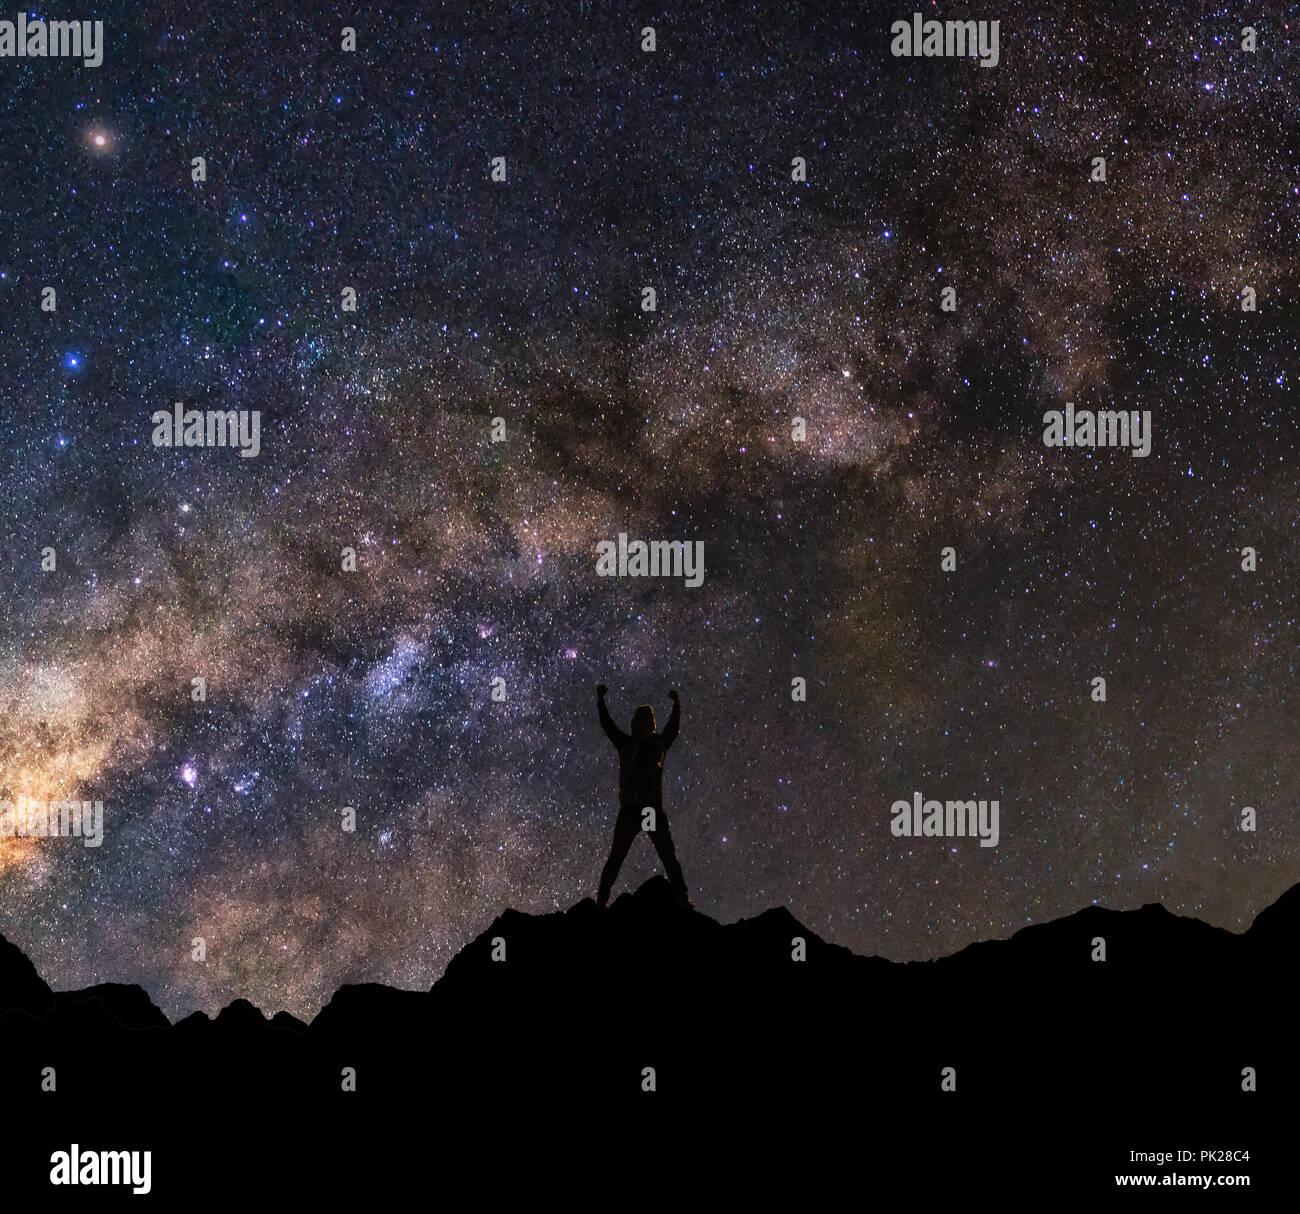 Silhouette einer glücklichen Mann mit erhobenen Armen zu Milchstraße Hintergrund Stockfoto